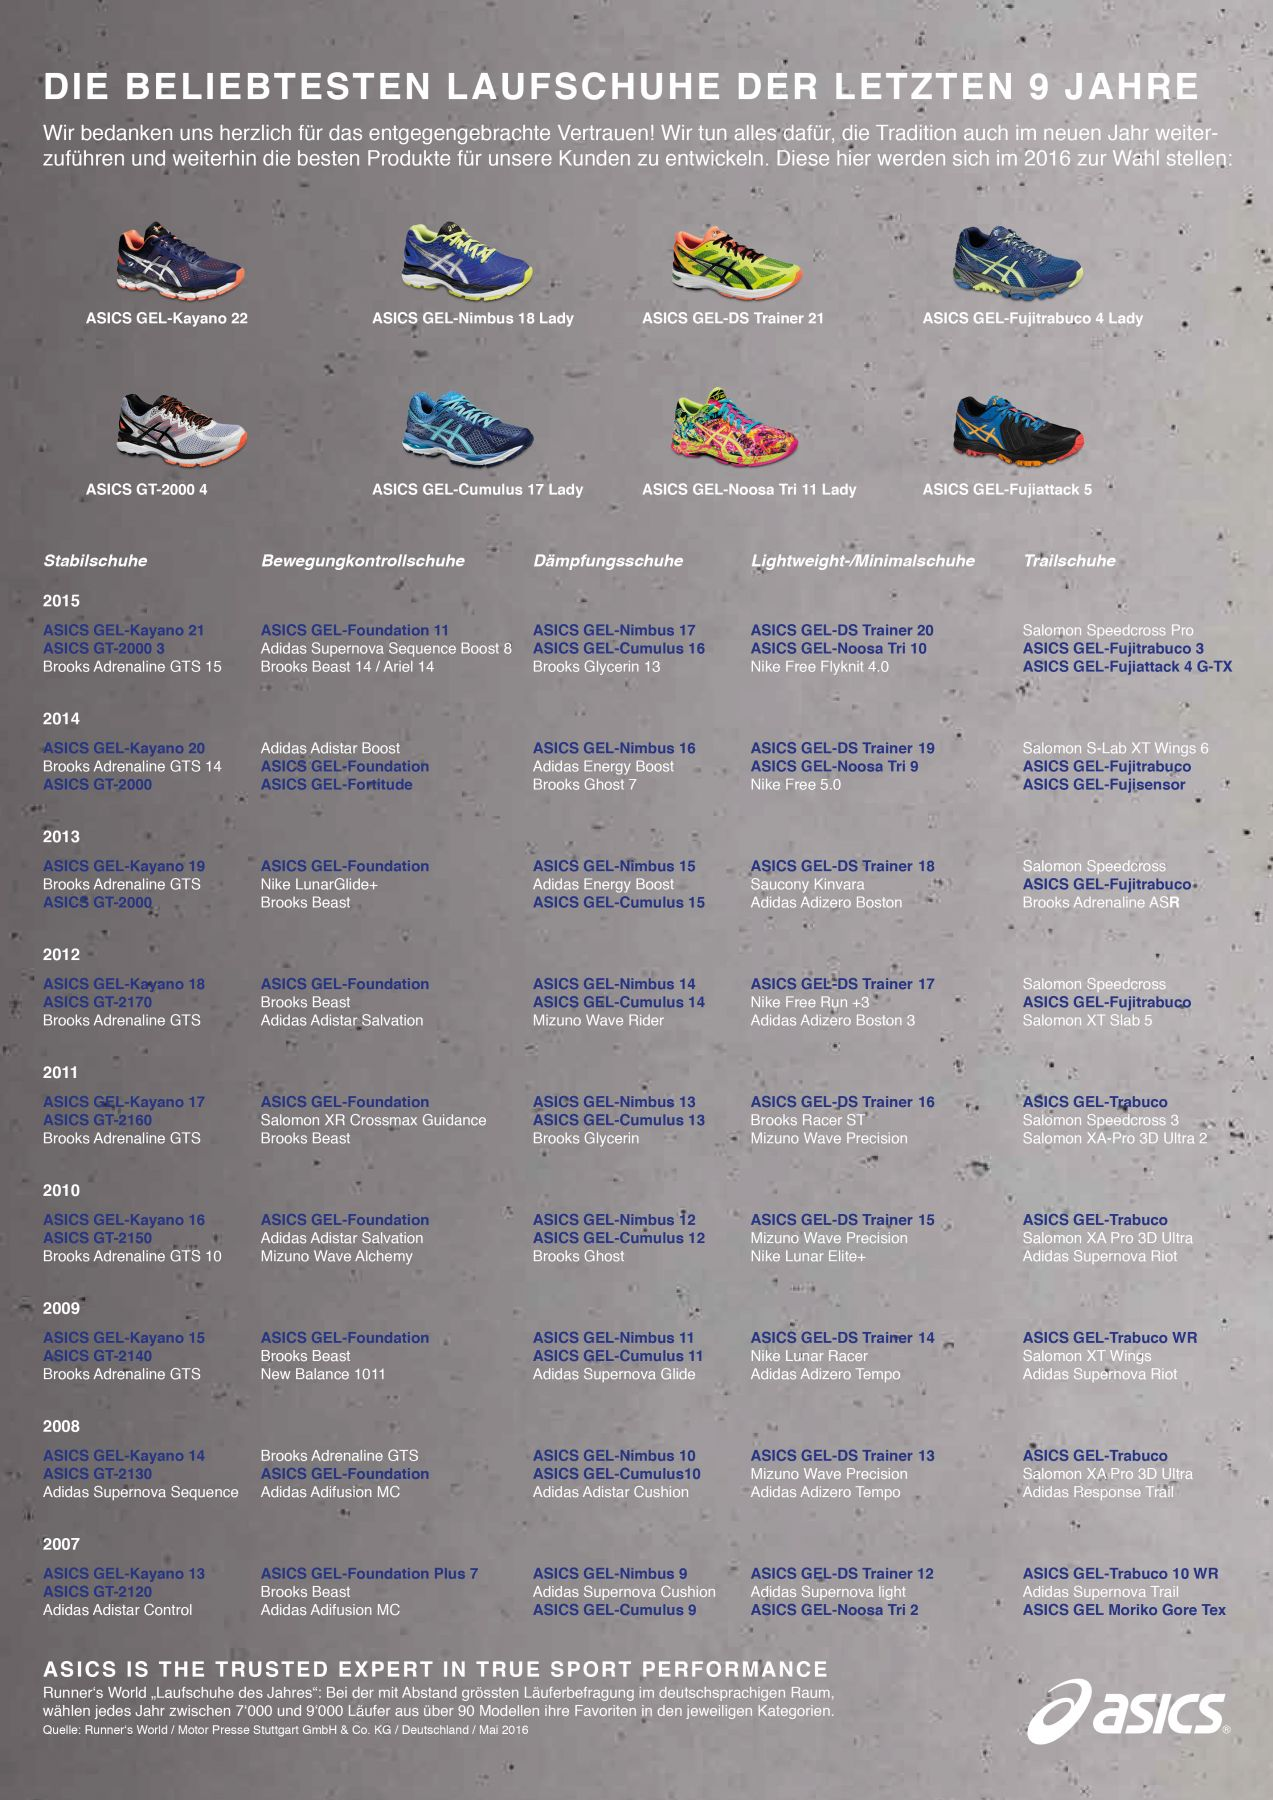 Runner's World Laufschuhe des Jahres